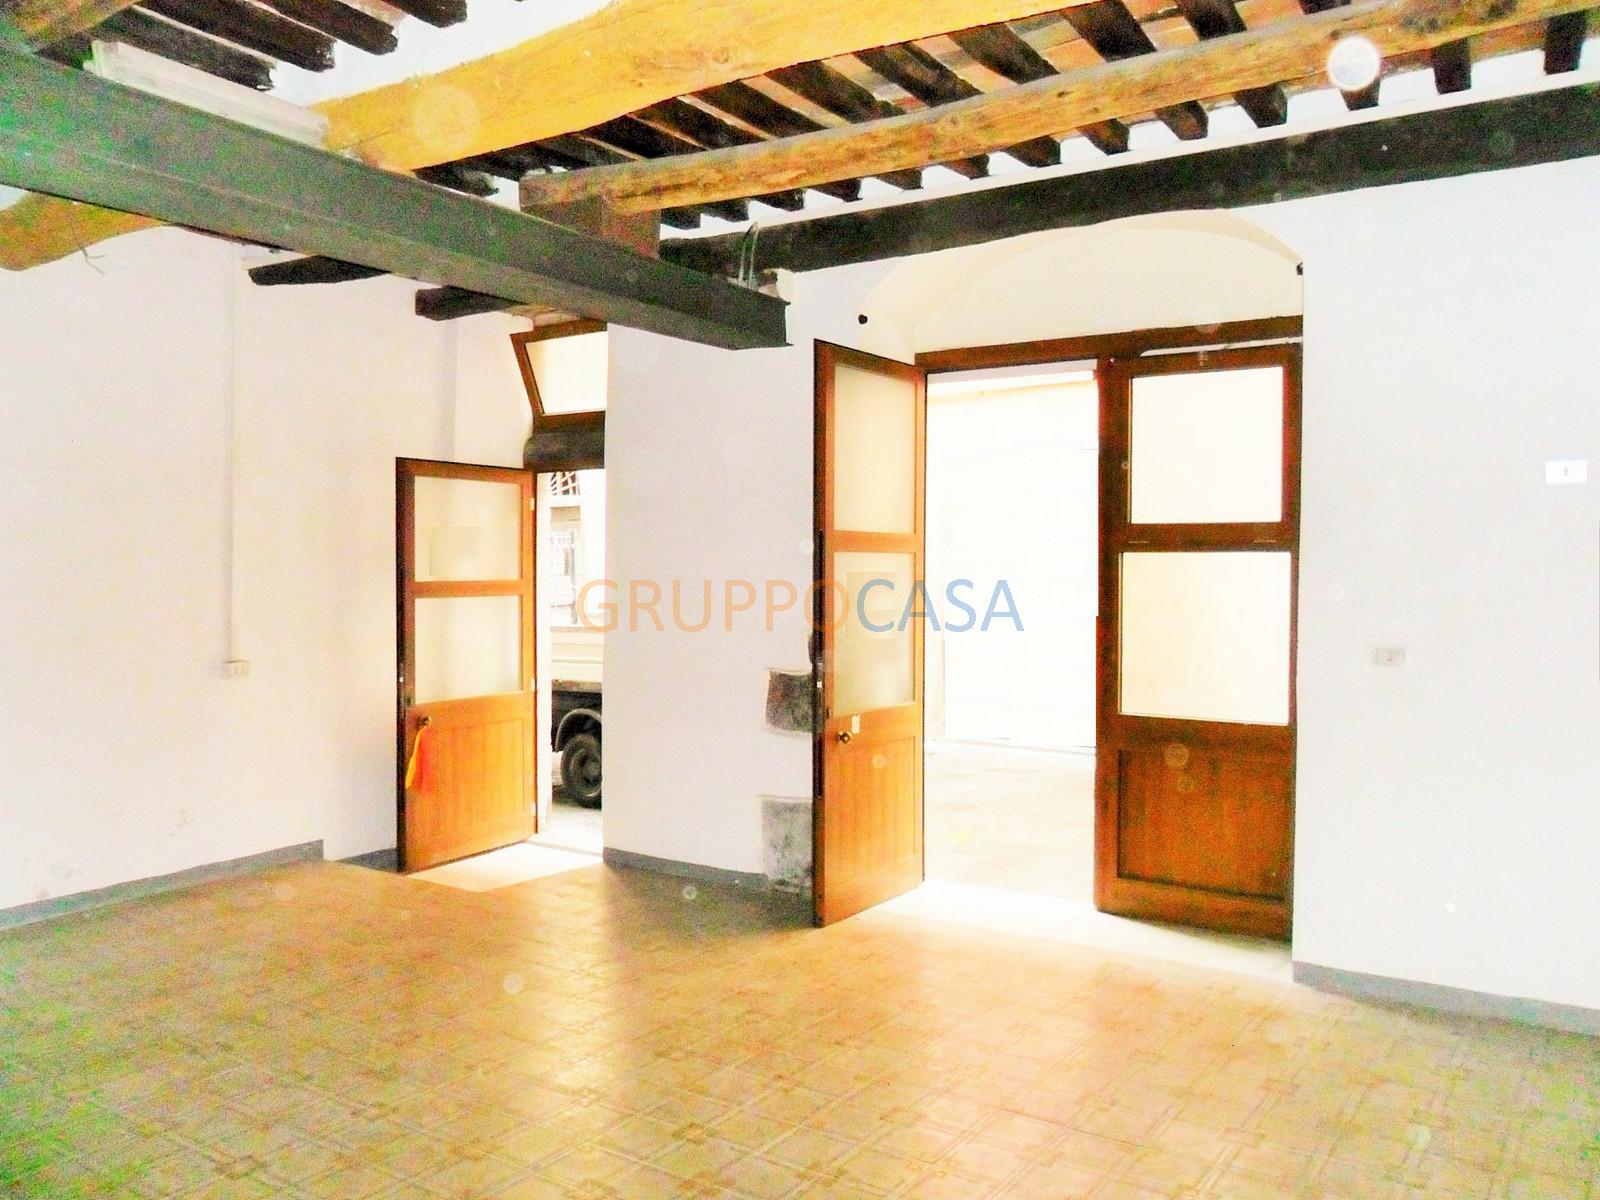 Negozio / Locale in vendita a Pescia, 9999 locali, zona Località: Centro, prezzo € 39.000 | CambioCasa.it